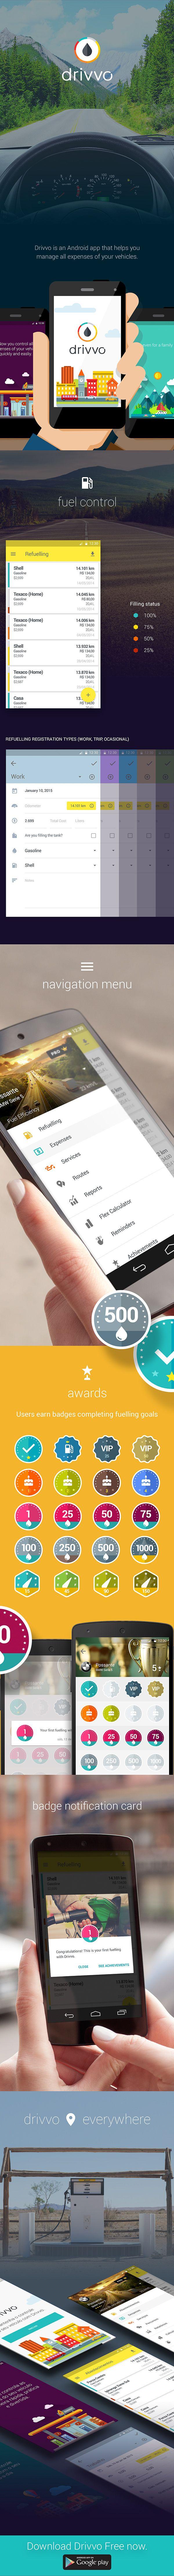 Drivvo - Mobile App UI on Behance